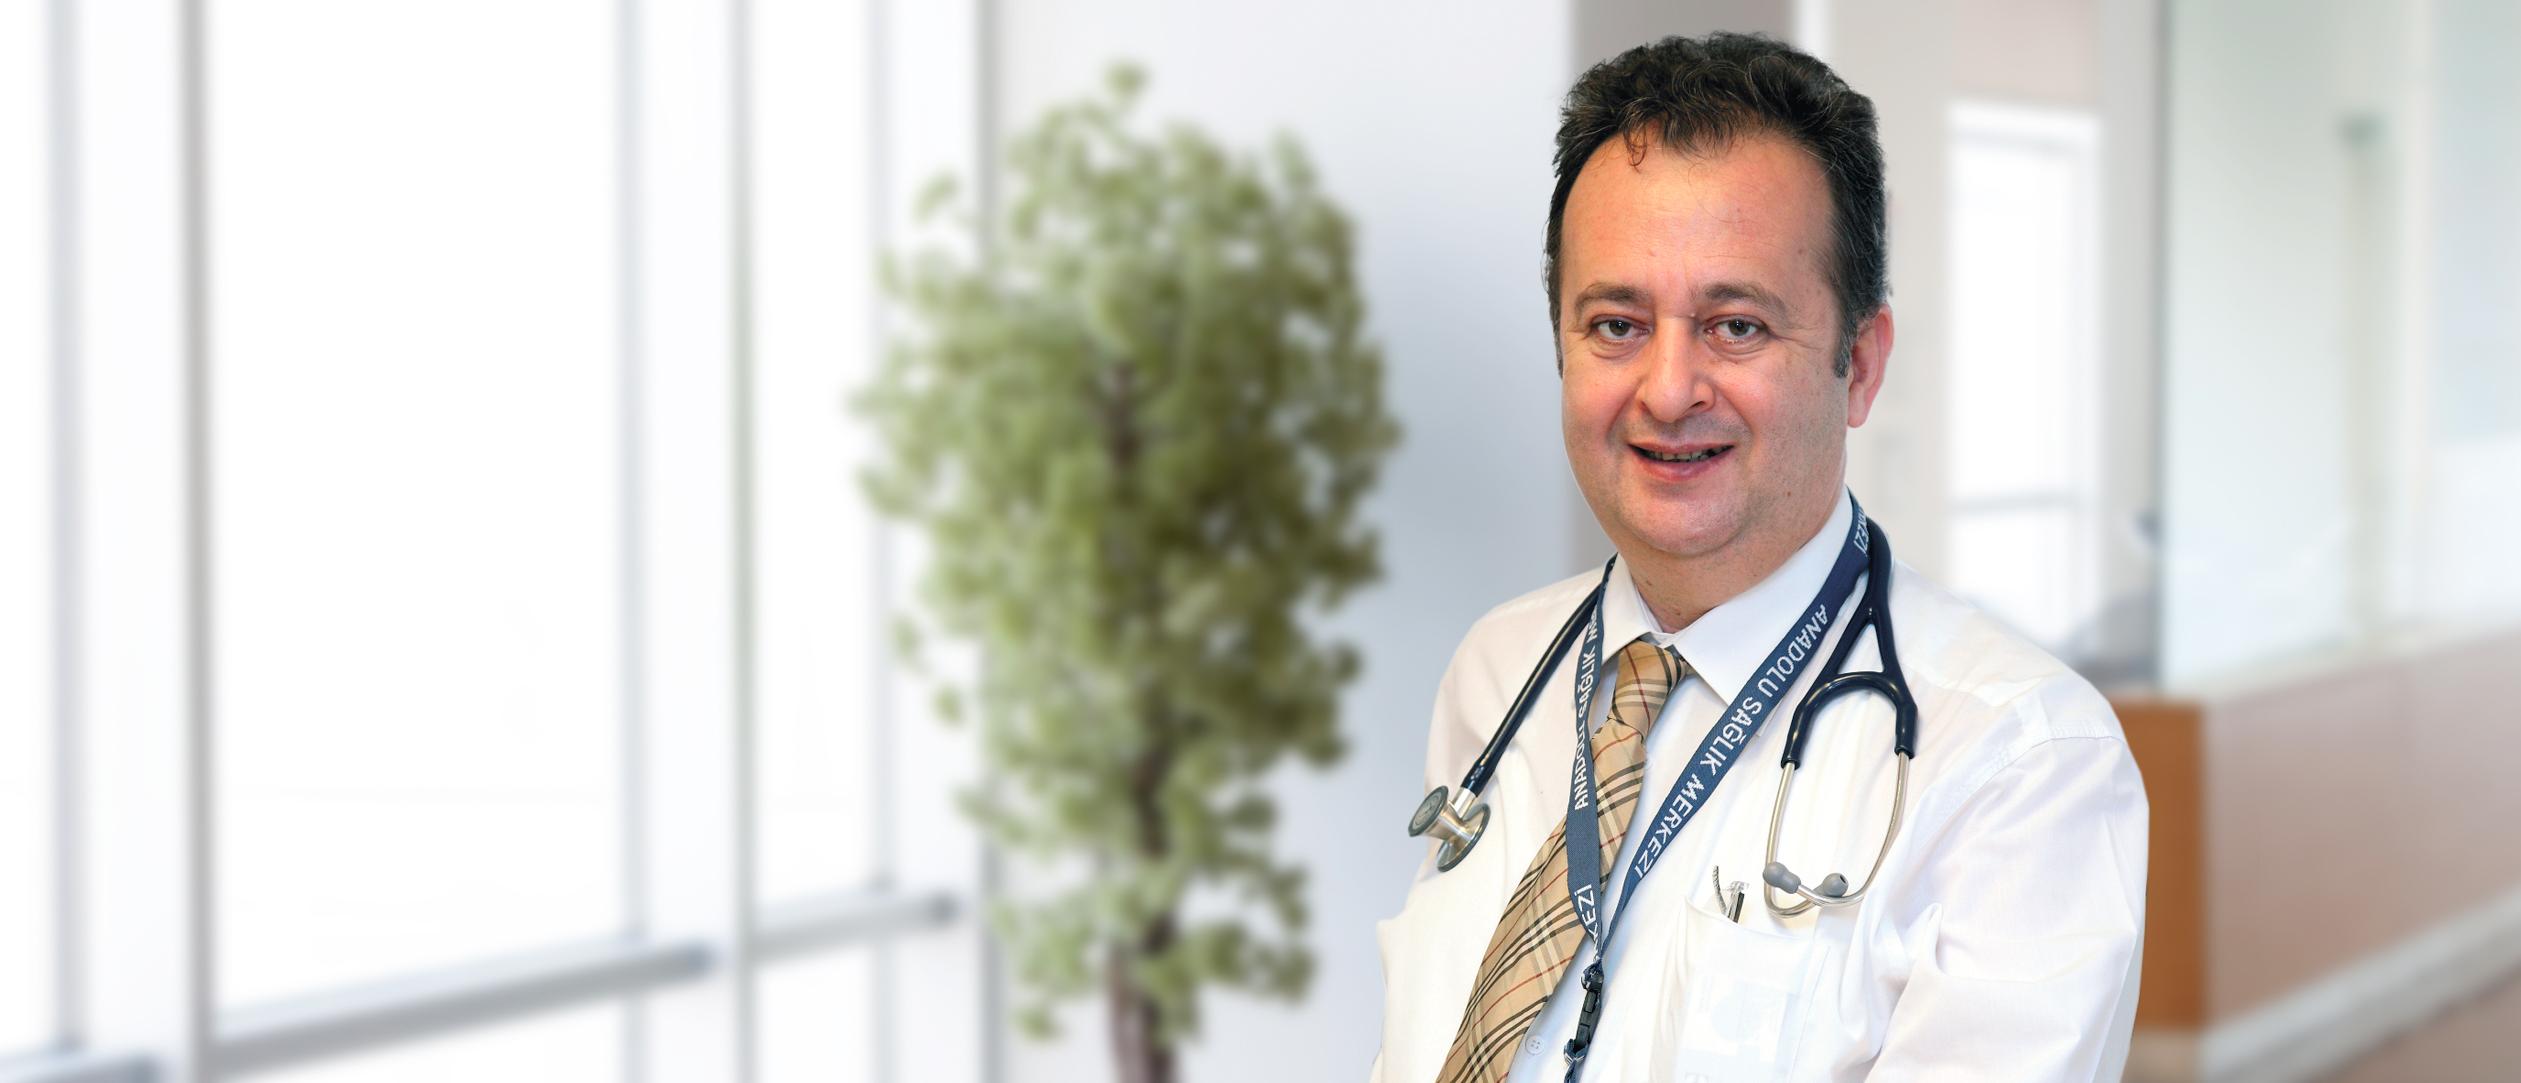 Неврез Койлан — квалифицированная помощь в медицинском центре Anadolu